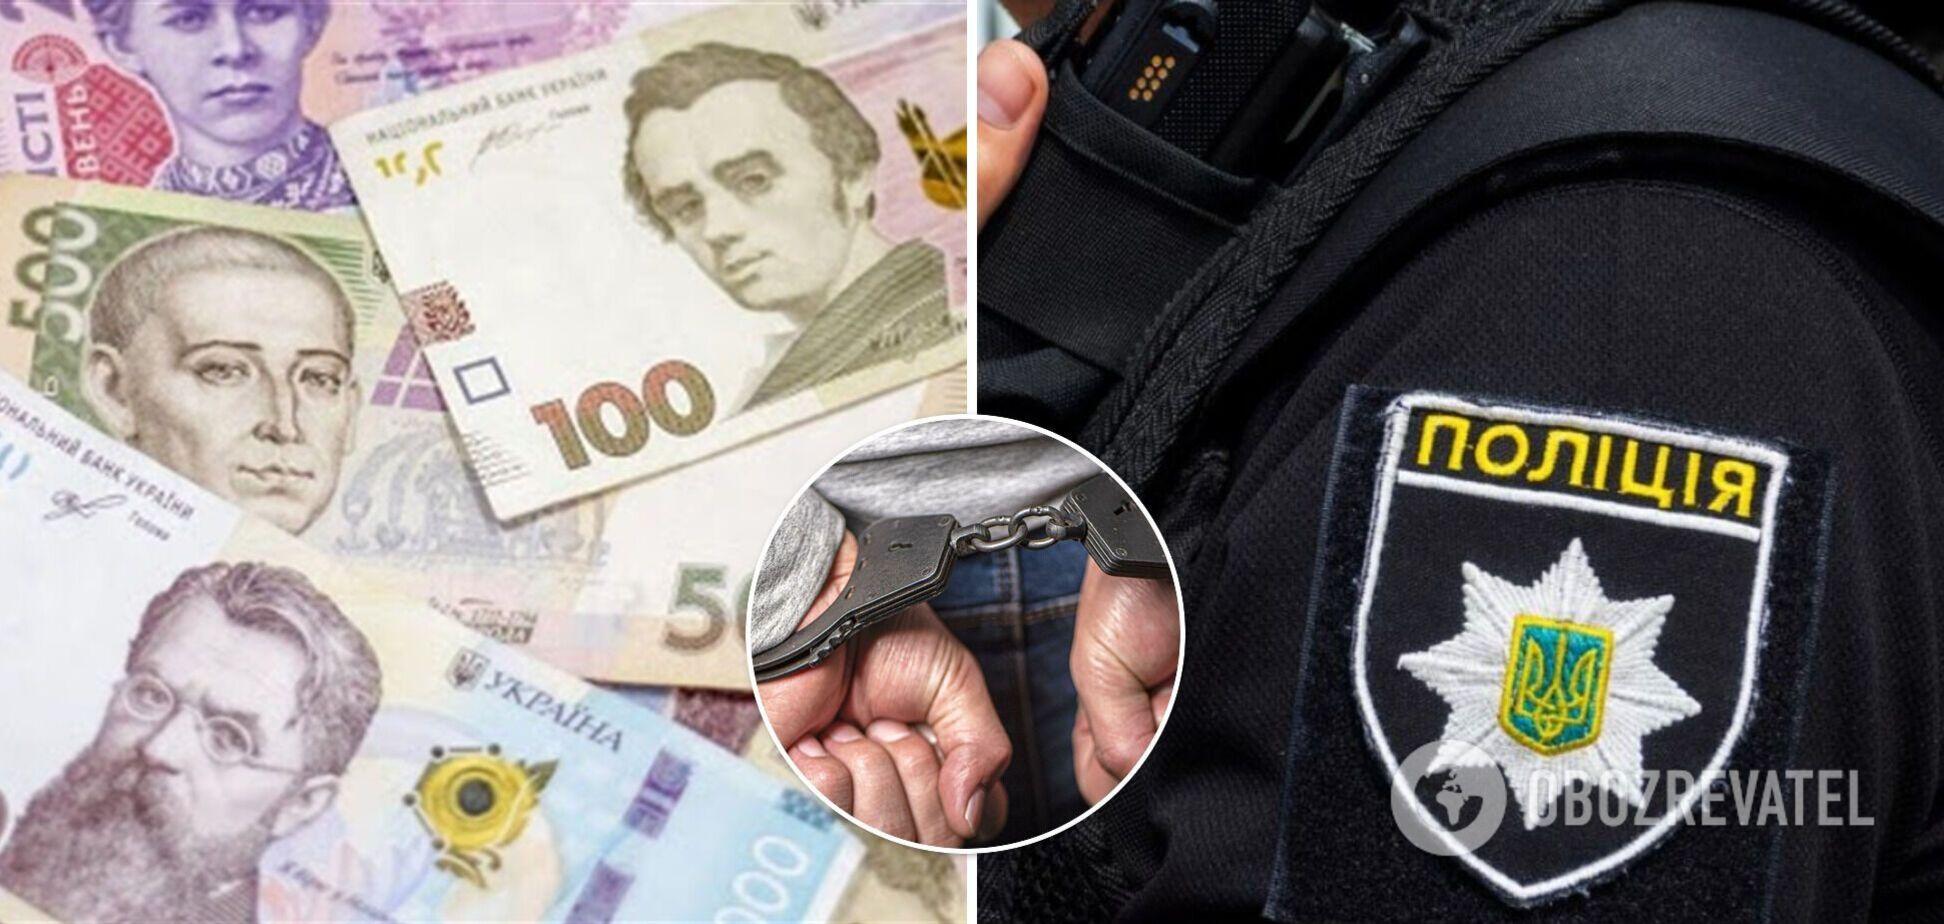 На Дніпропетровщині затримані співробітникі банку, які привласнили 86 мільйонів гривень вкладників